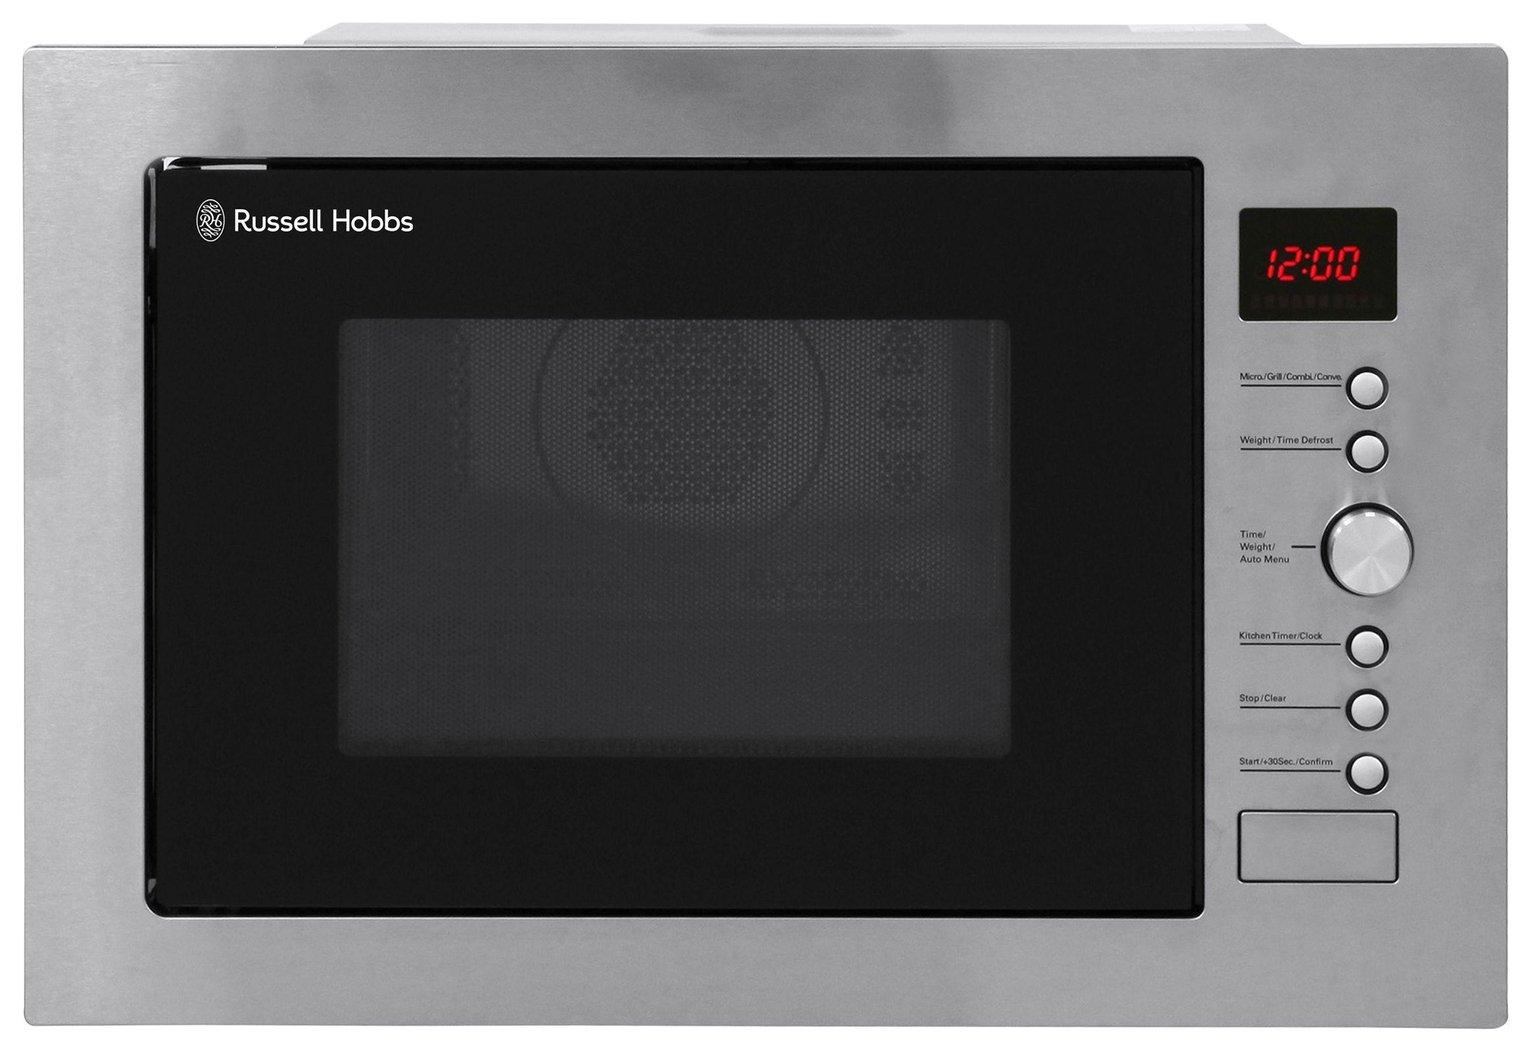 Russell Hobbs RHBM3201 1000W Built In Microwave - S/Steel